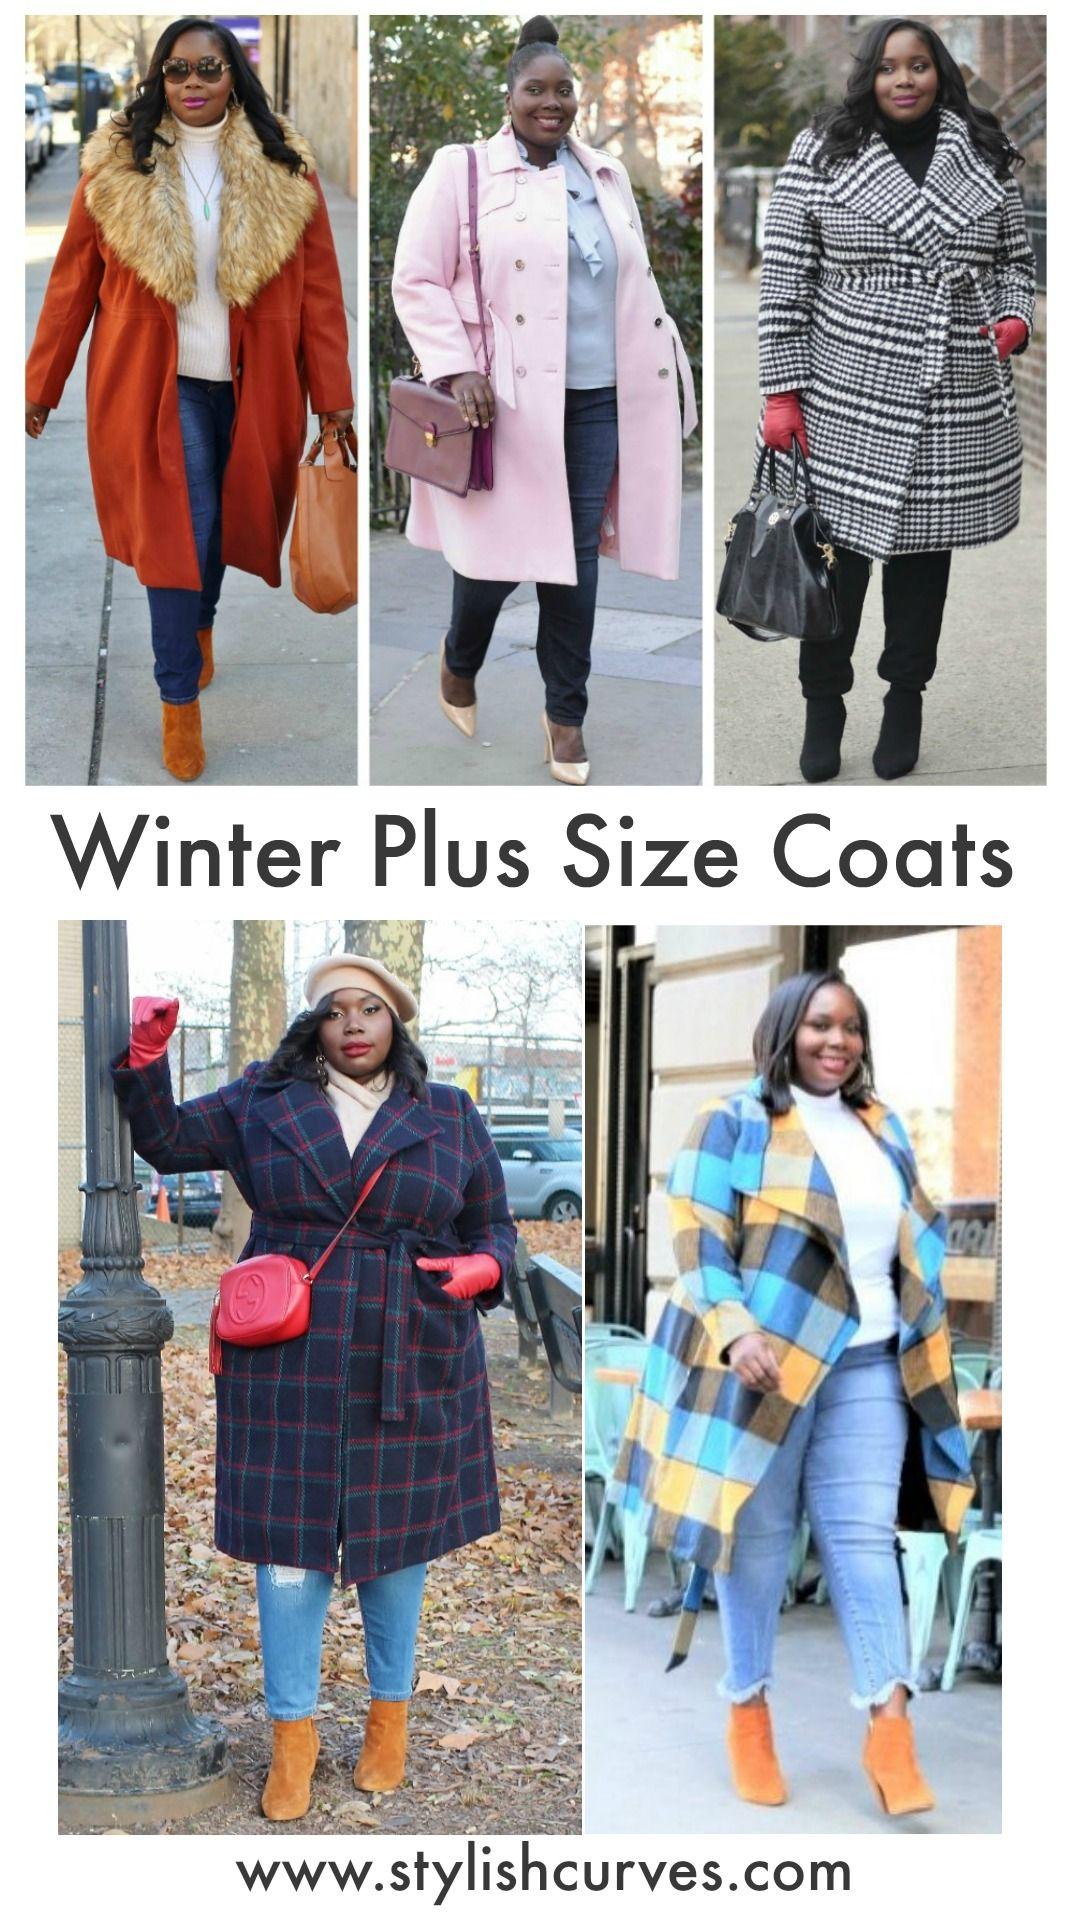 Tartan Plaid Coat | Women's Plus Size Coats + Jackets Tartan Plaid Coat | Women's Plus Size Coats + Jackets Woman Coats womans plus size coats